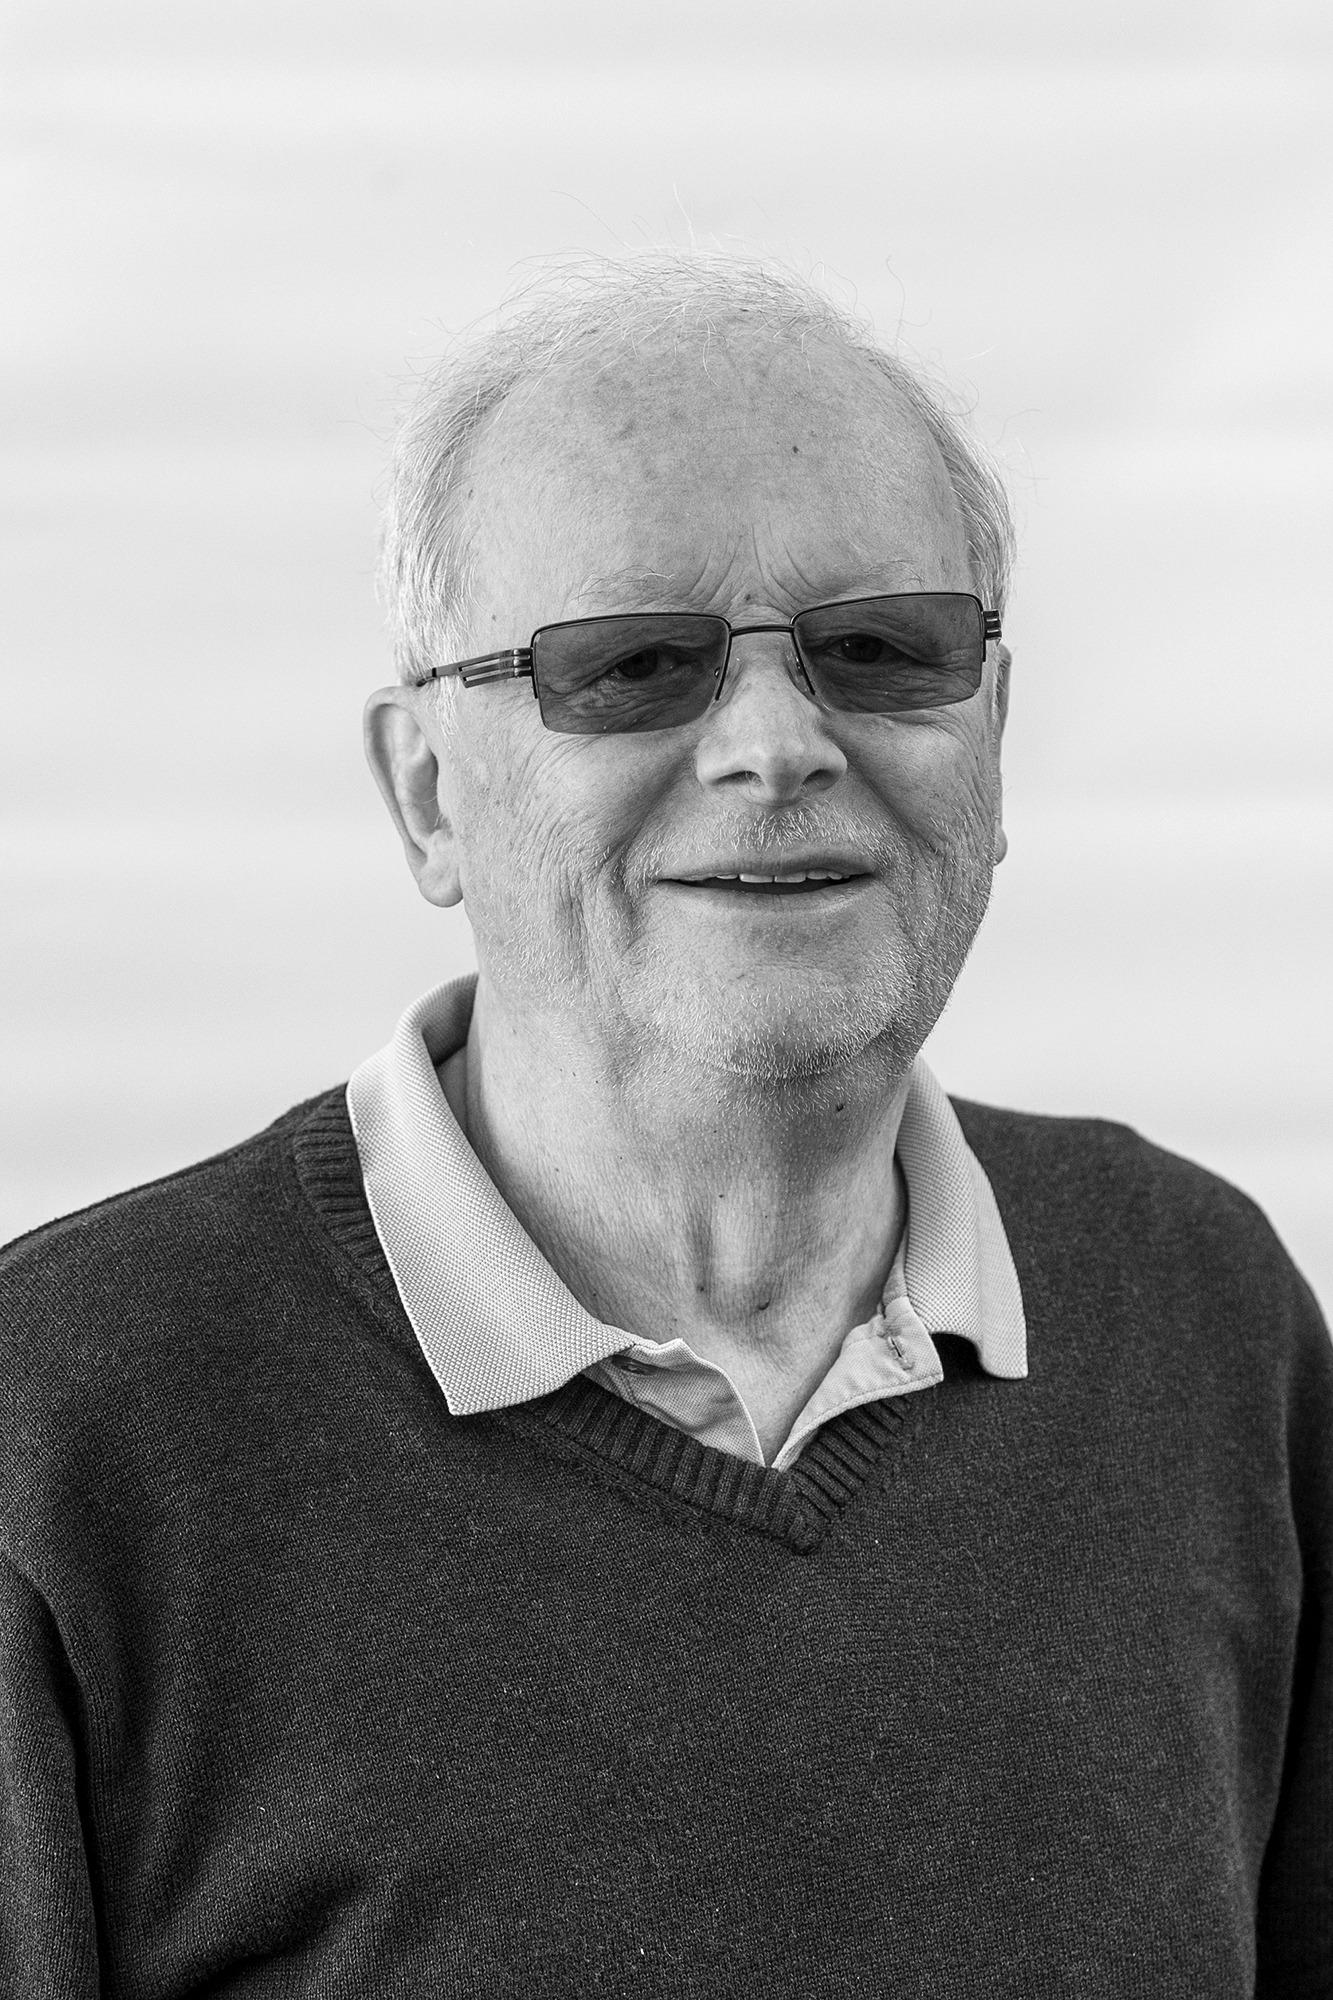 GerhardKnechtel